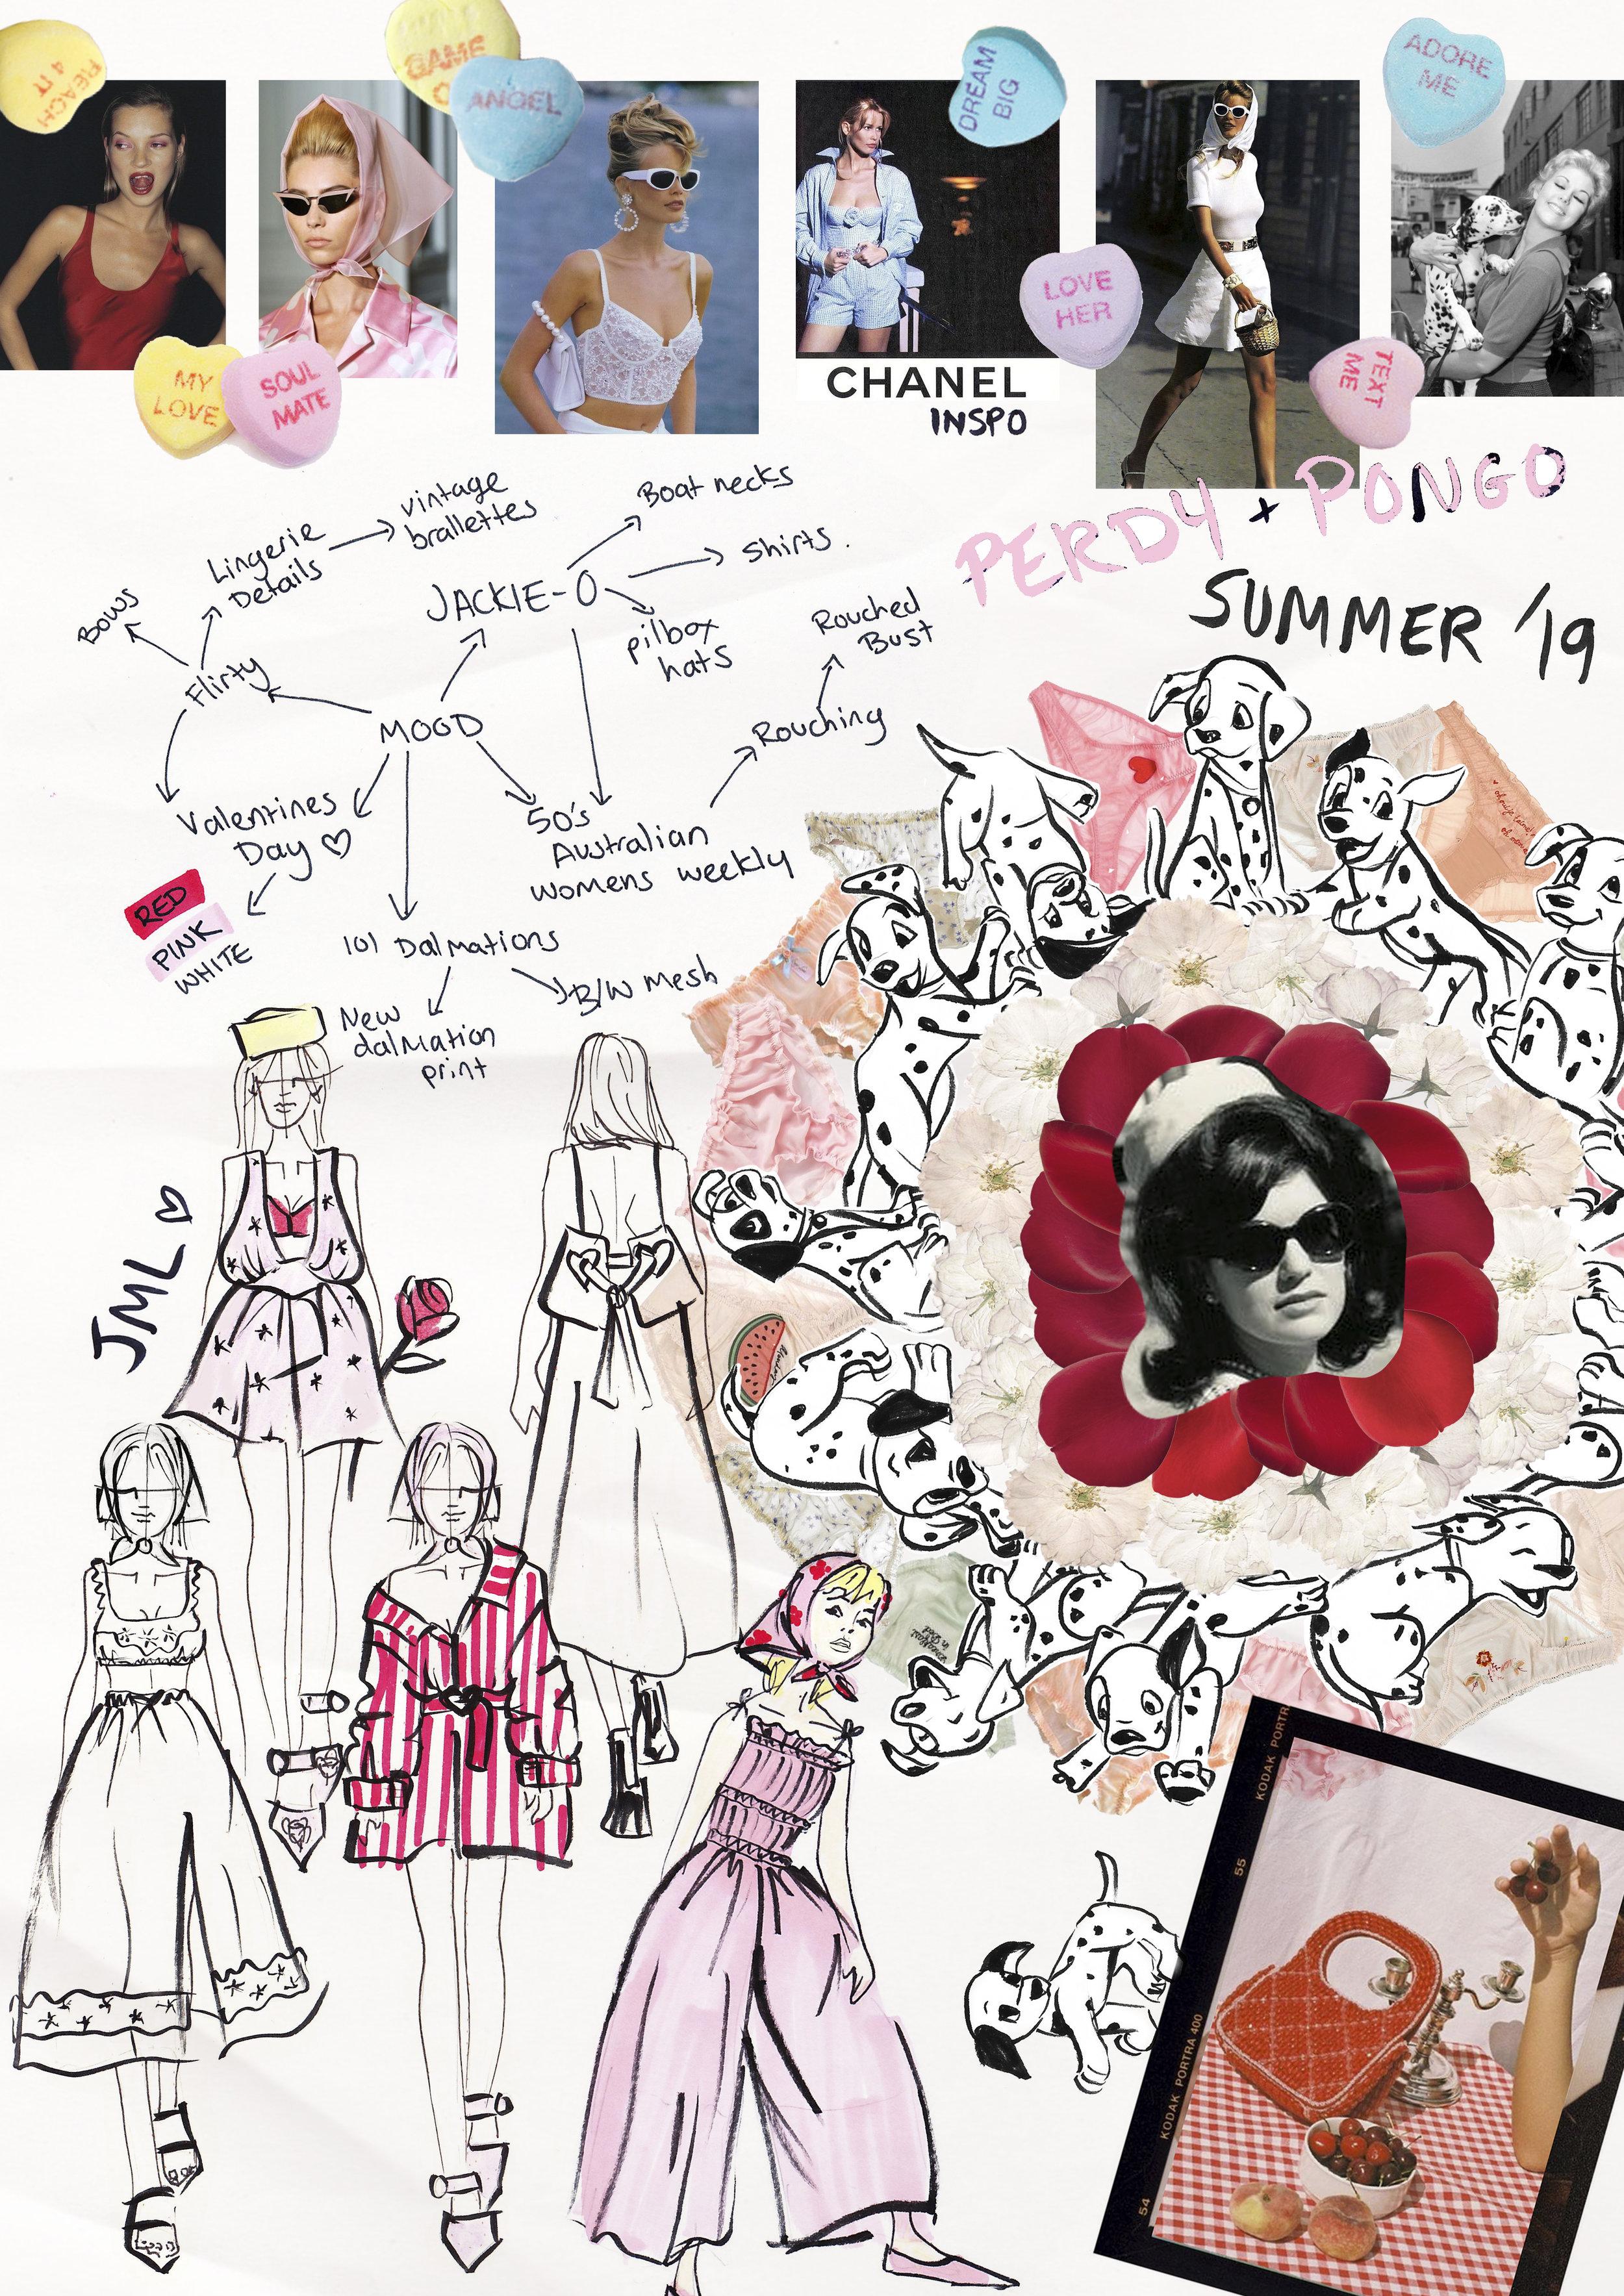 Jamie My Love - SUMMER '19 Mood.jpg